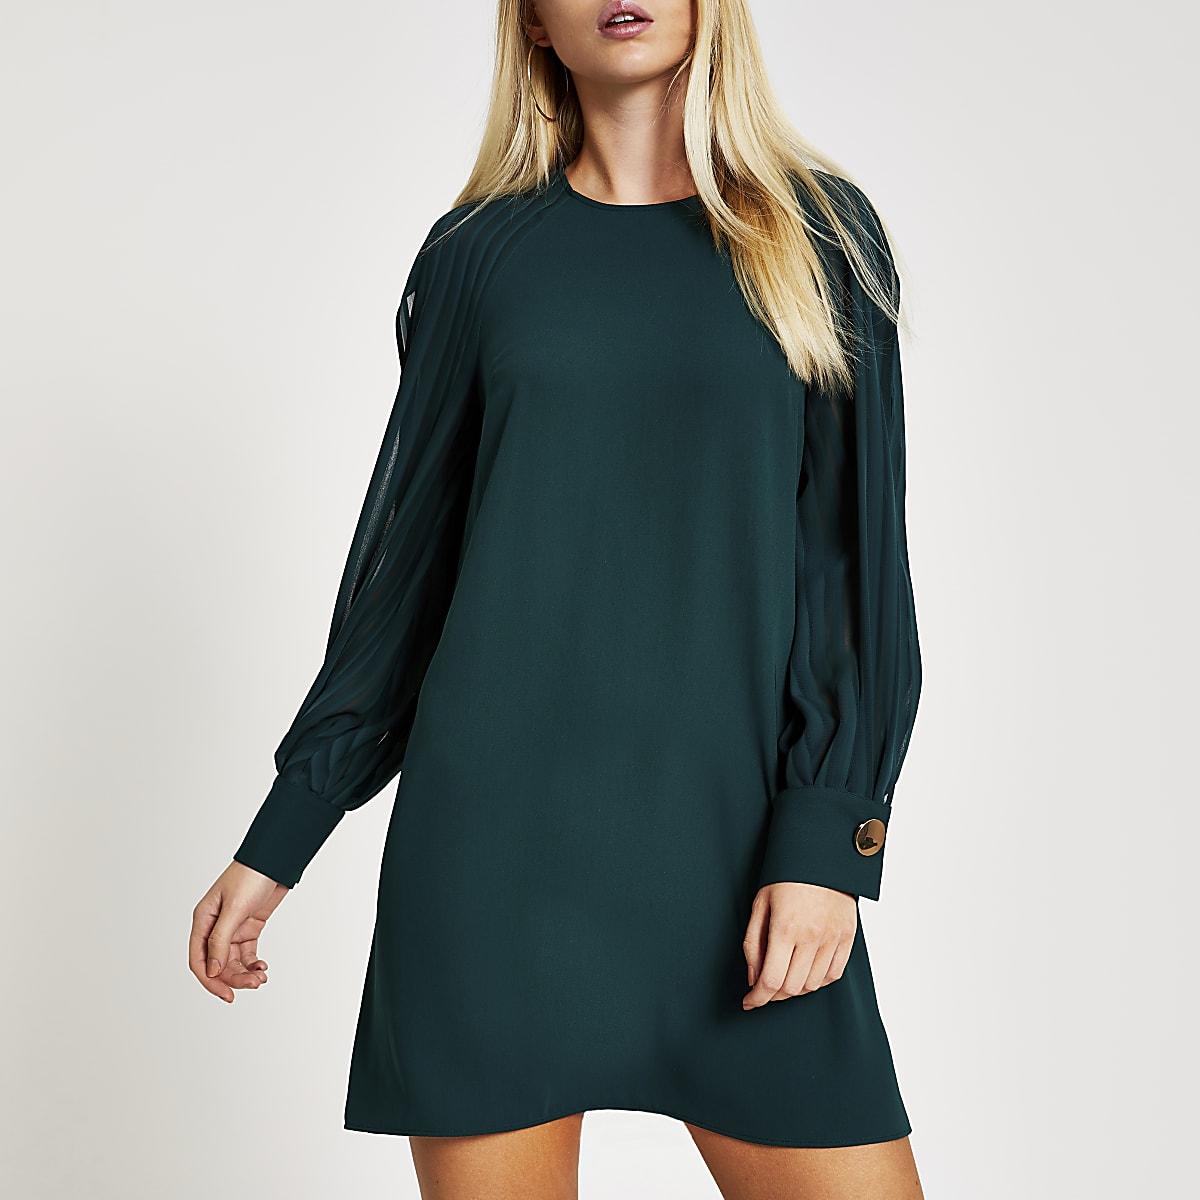 Robe  verte avec manches fendues rayées tranparentes,style rétro